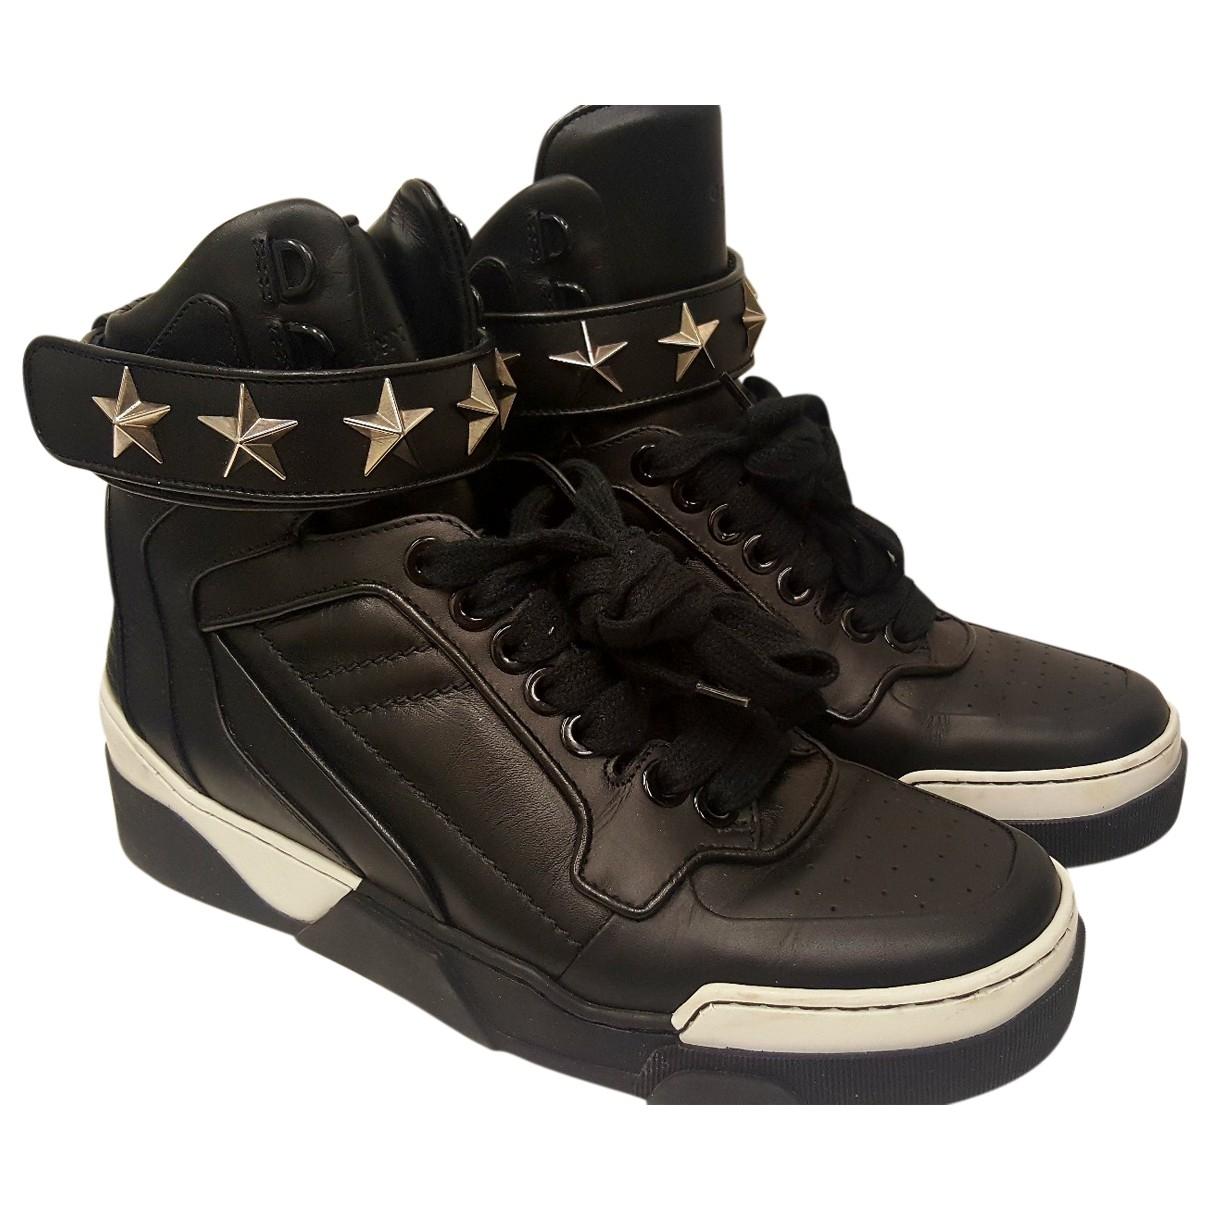 Givenchy - Baskets Tyson pour homme en cuir - noir